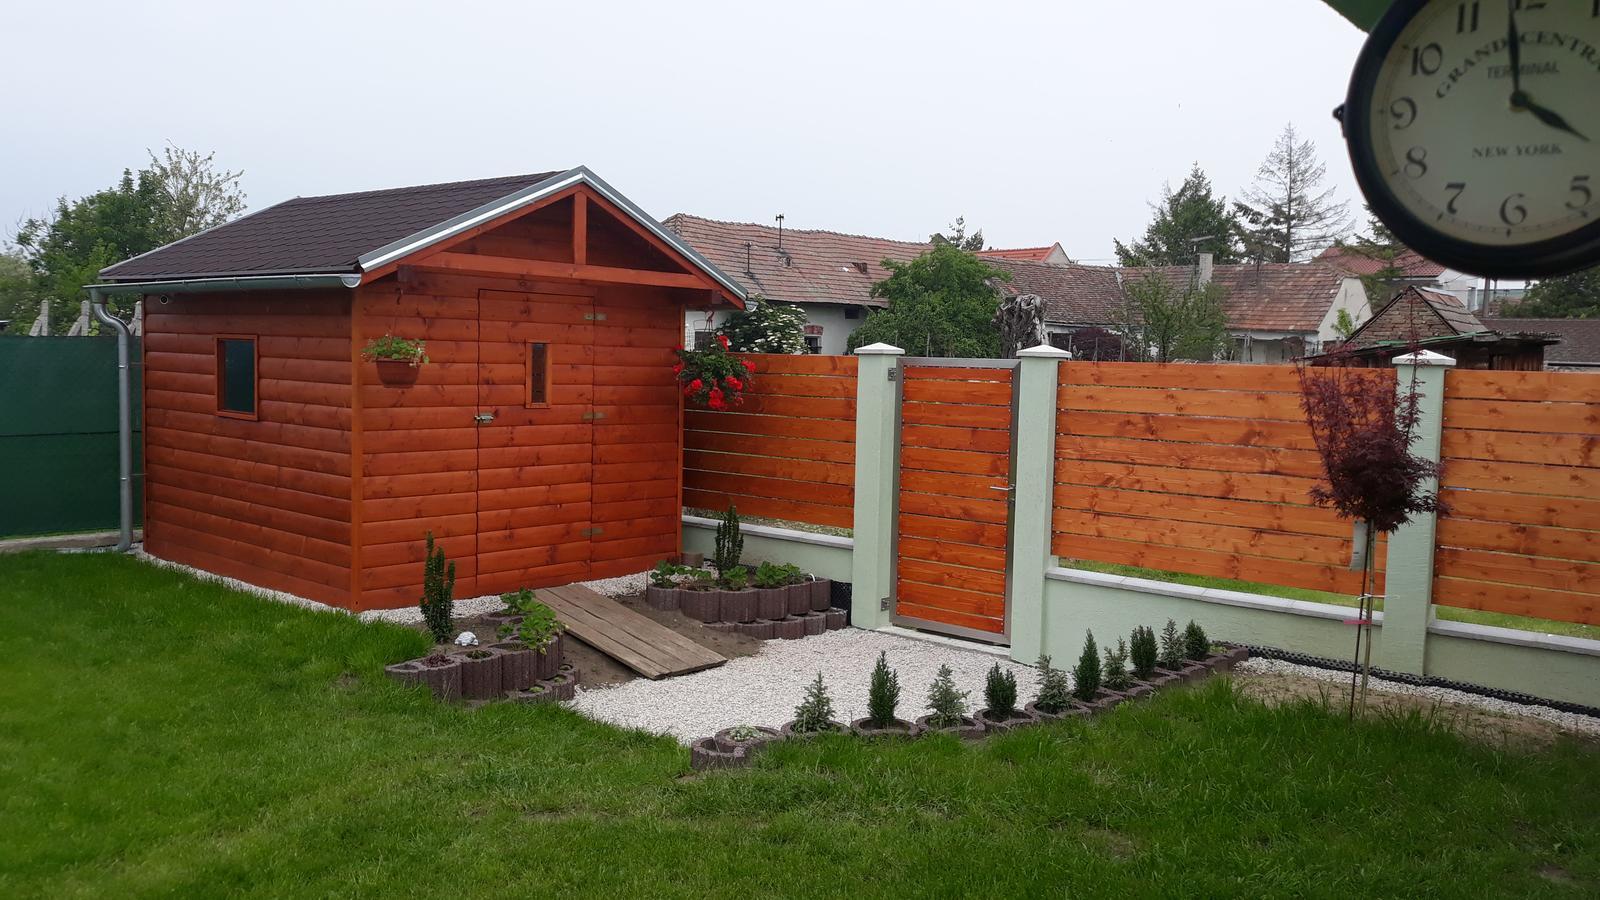 Záhradka a relax 2020 - Obrázok č. 3